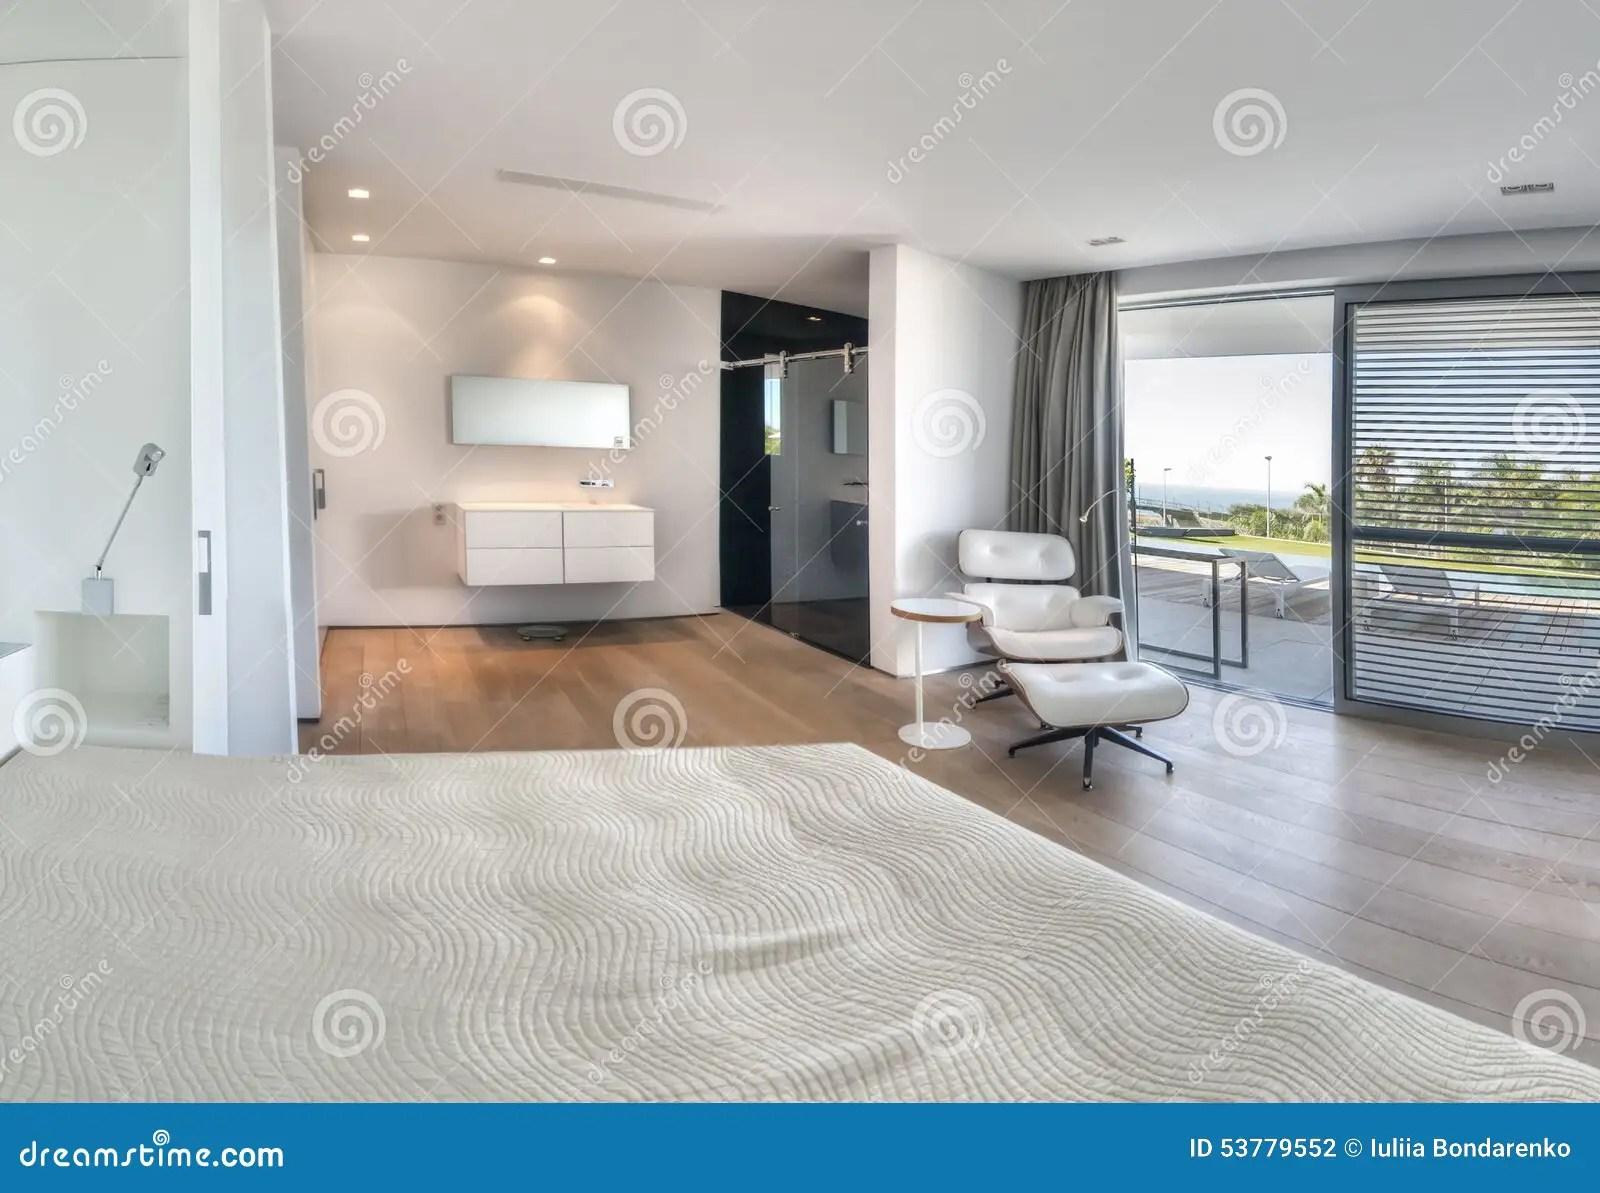 Camera Da Letto Bianca Moderna Con Il Bagno Fotografia Stock  Immagine di stanza hotel 53779552